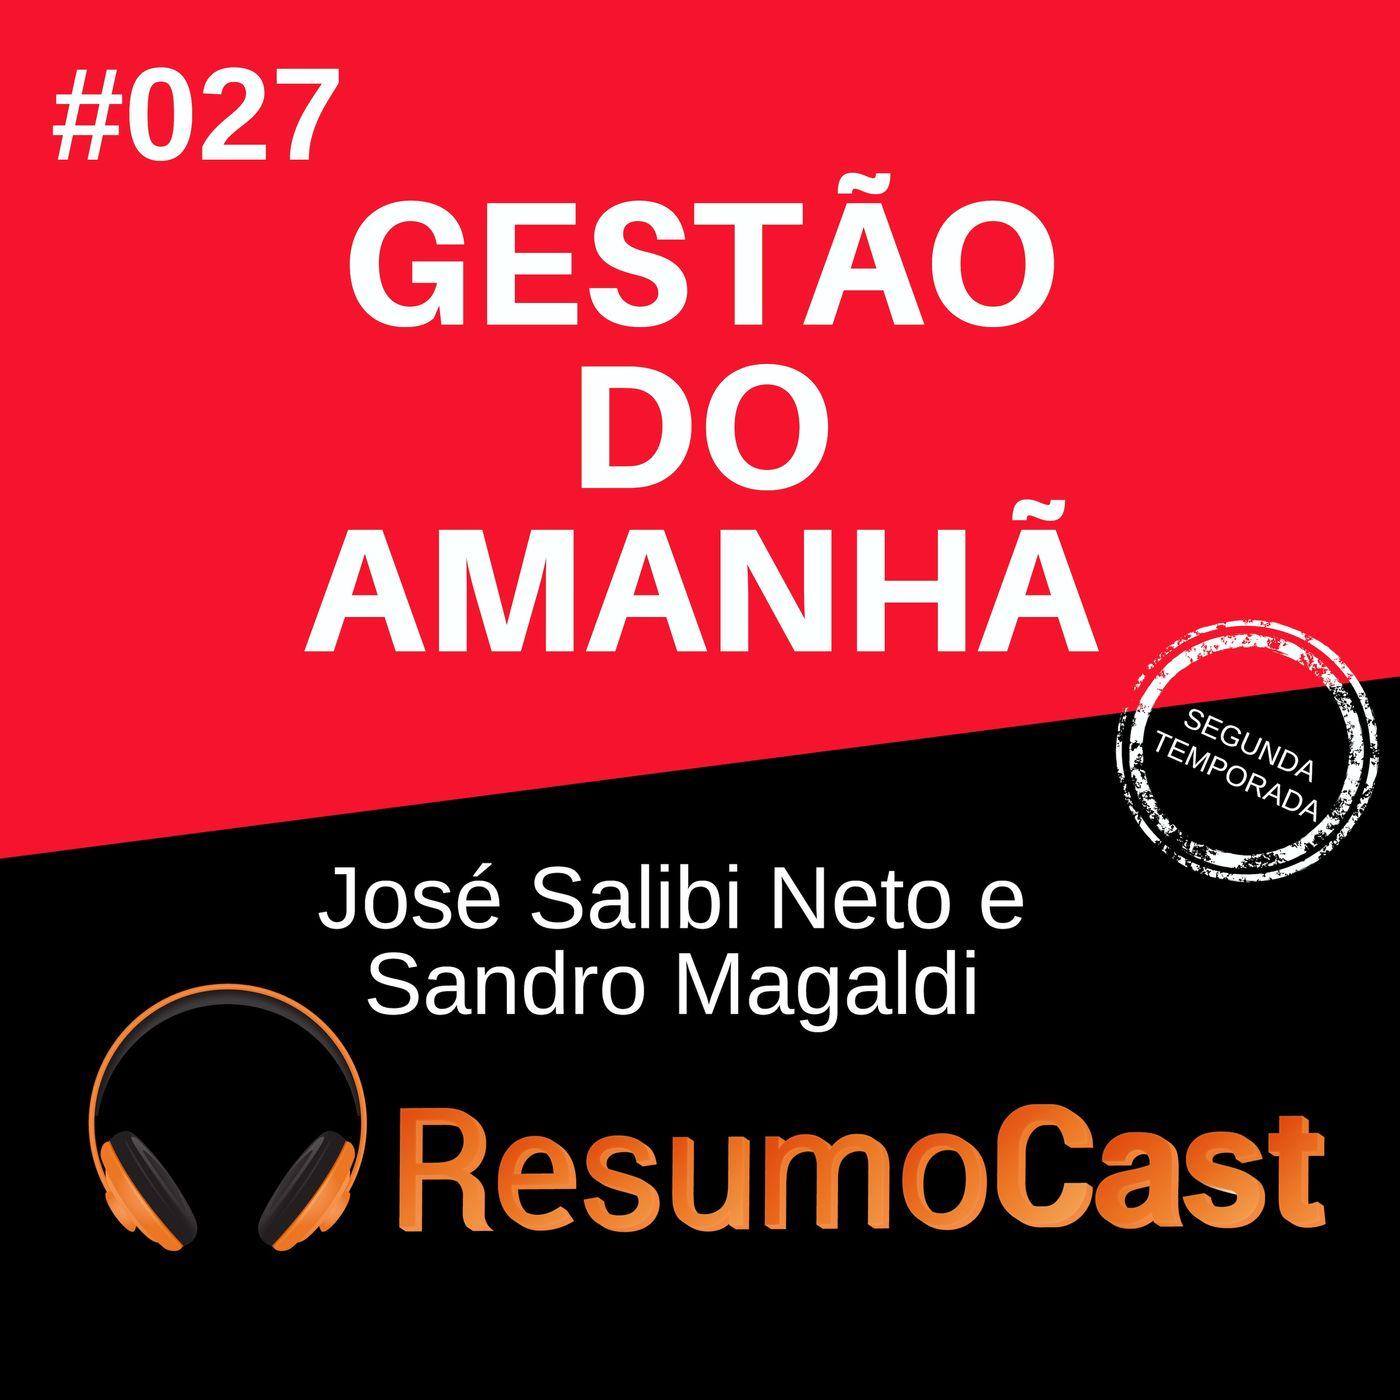 T2#027 Gestão do amanhã | José Salibi Neto e Sandro Magaldi